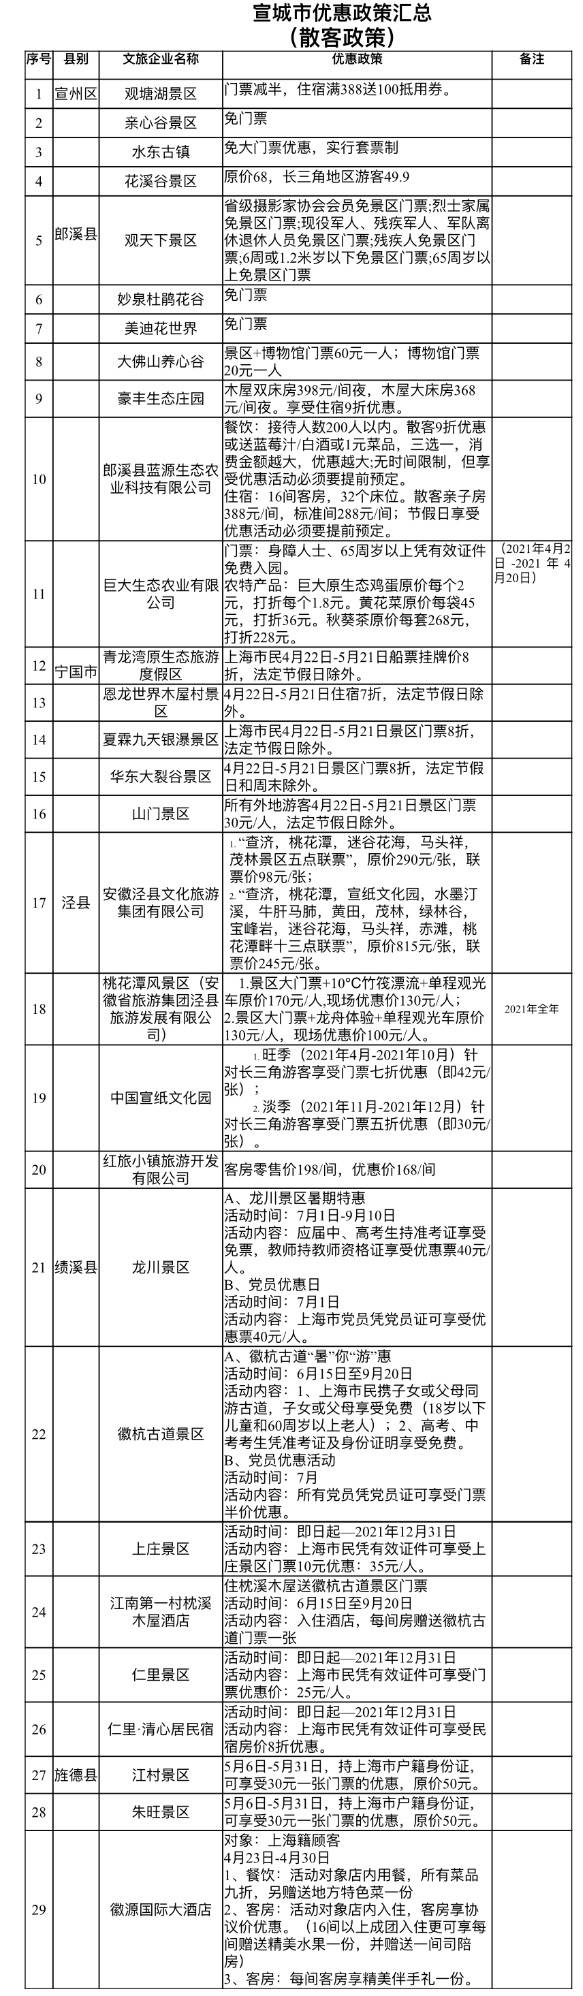 """2021首届长三角(宣城)文旅嘉年华启动 宣称文旅""""大礼包""""来沪推介"""